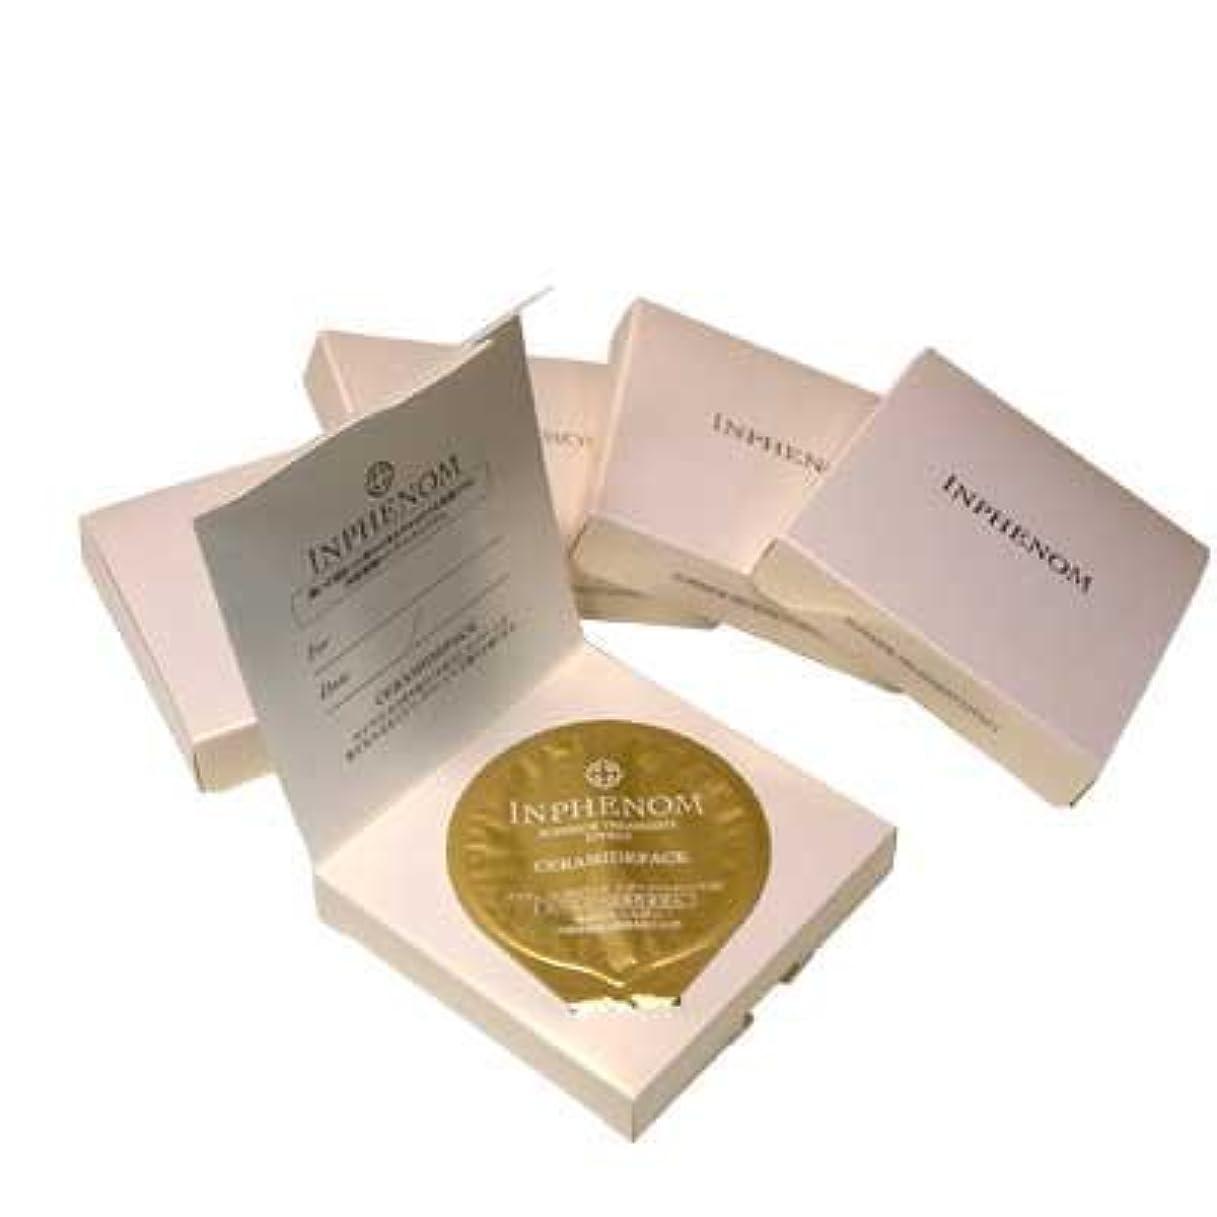 不道徳遵守する不規則なミルボン インフェノム CMパック (セラミドパック) 12g ×5個セット